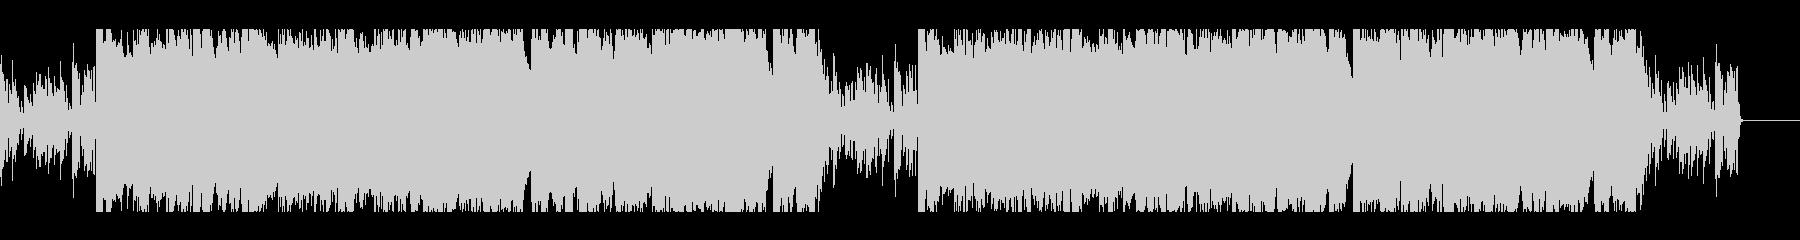 ダークでインダストリアルなBGMの未再生の波形